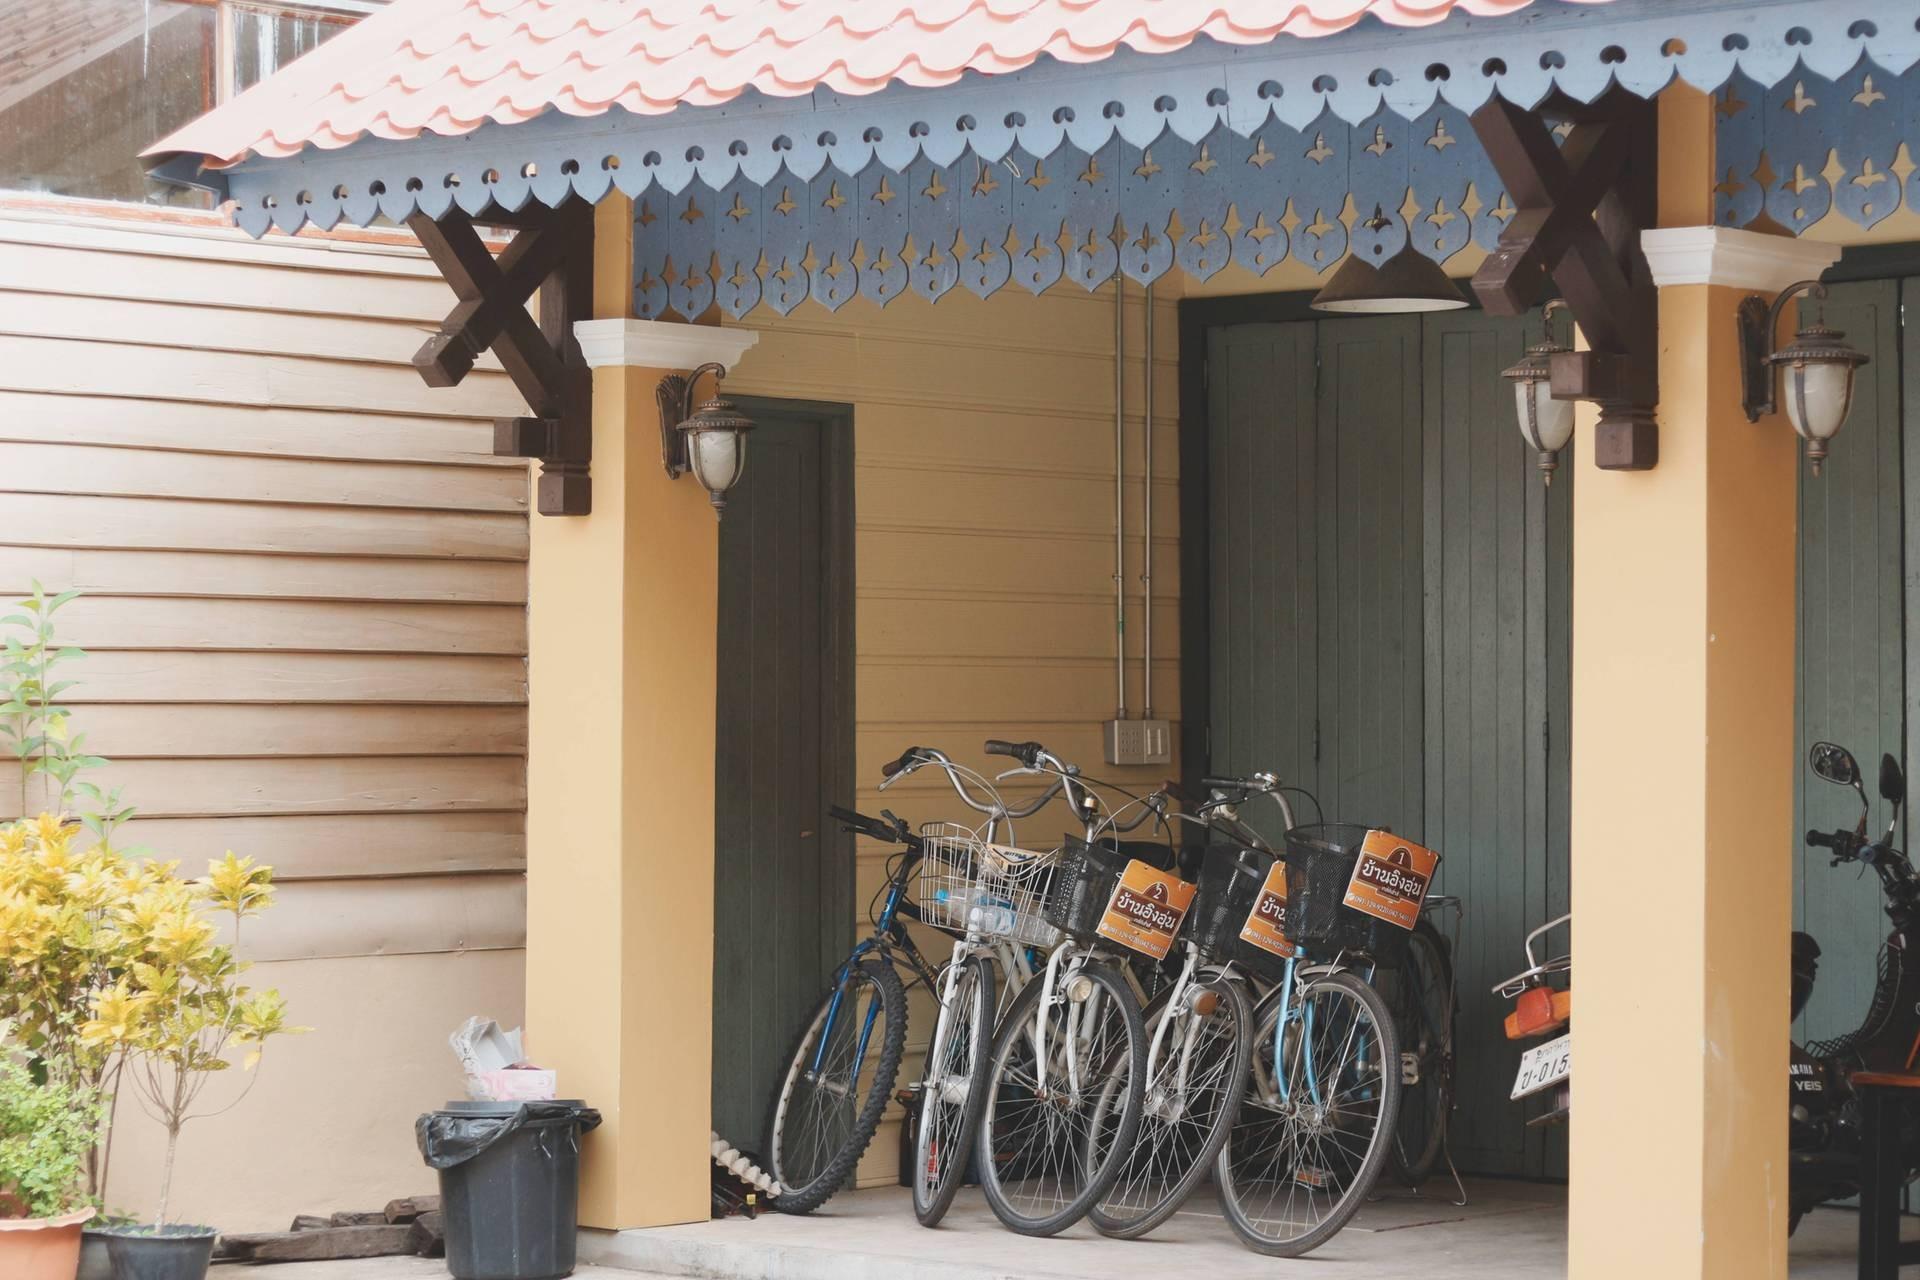 ที่นี่มีจักรยานให้ยืมด้วย